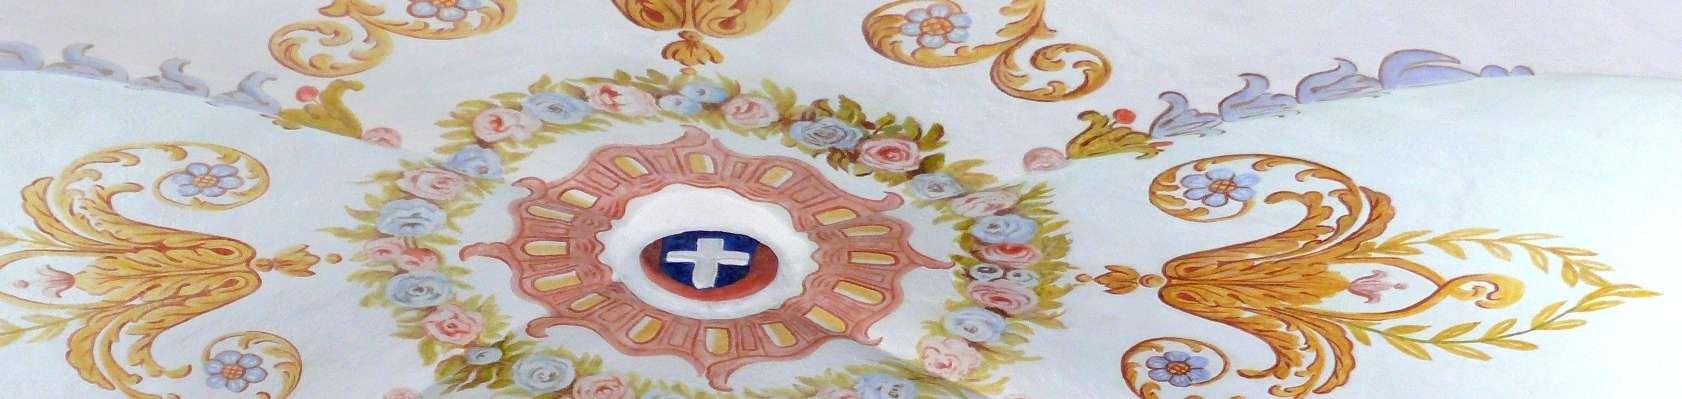 plafond-chapelle-de-nancroix-sept-2009-6-635